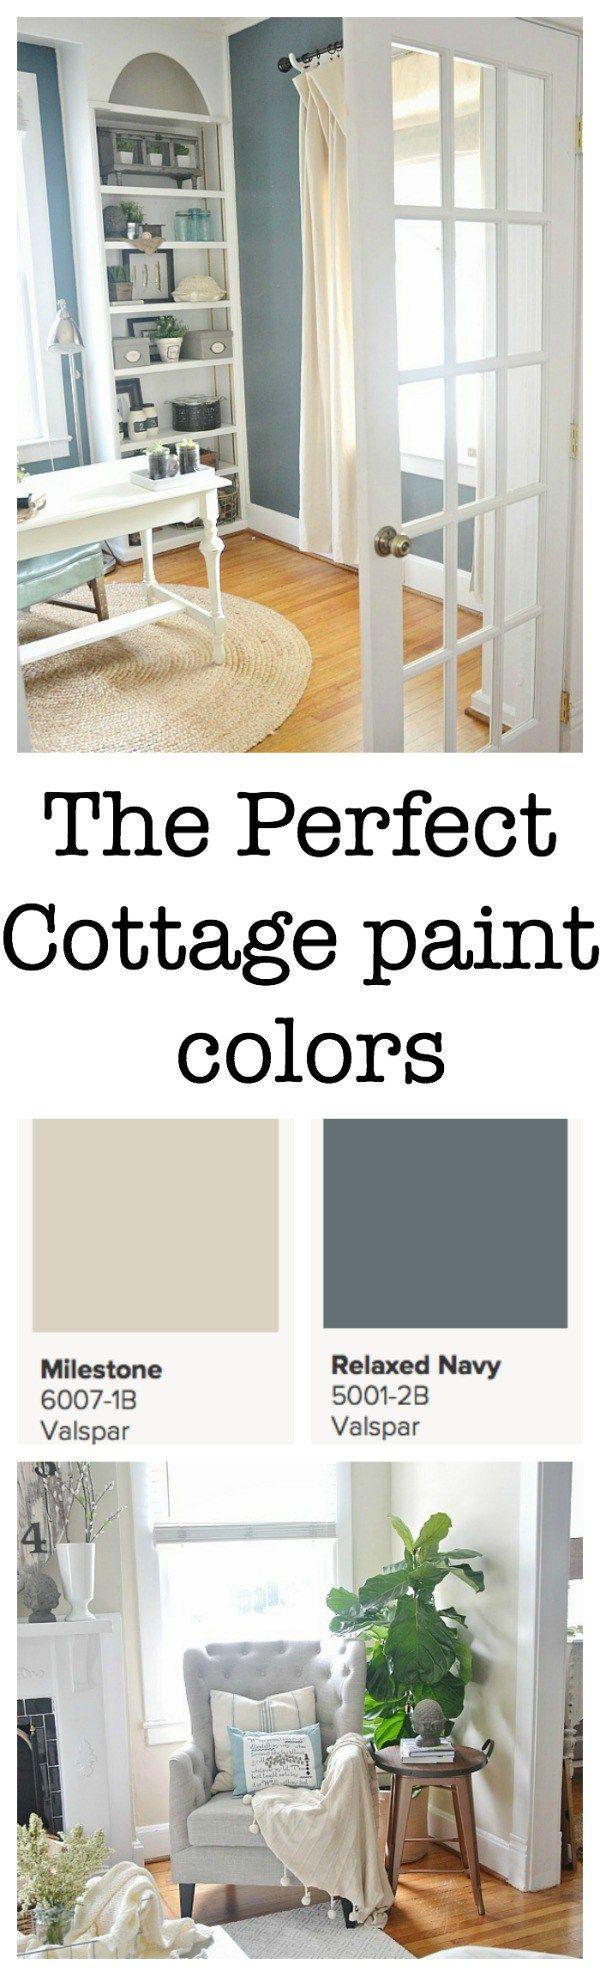 Best 25+ Cottage paint colors ideas on Pinterest | Light ...